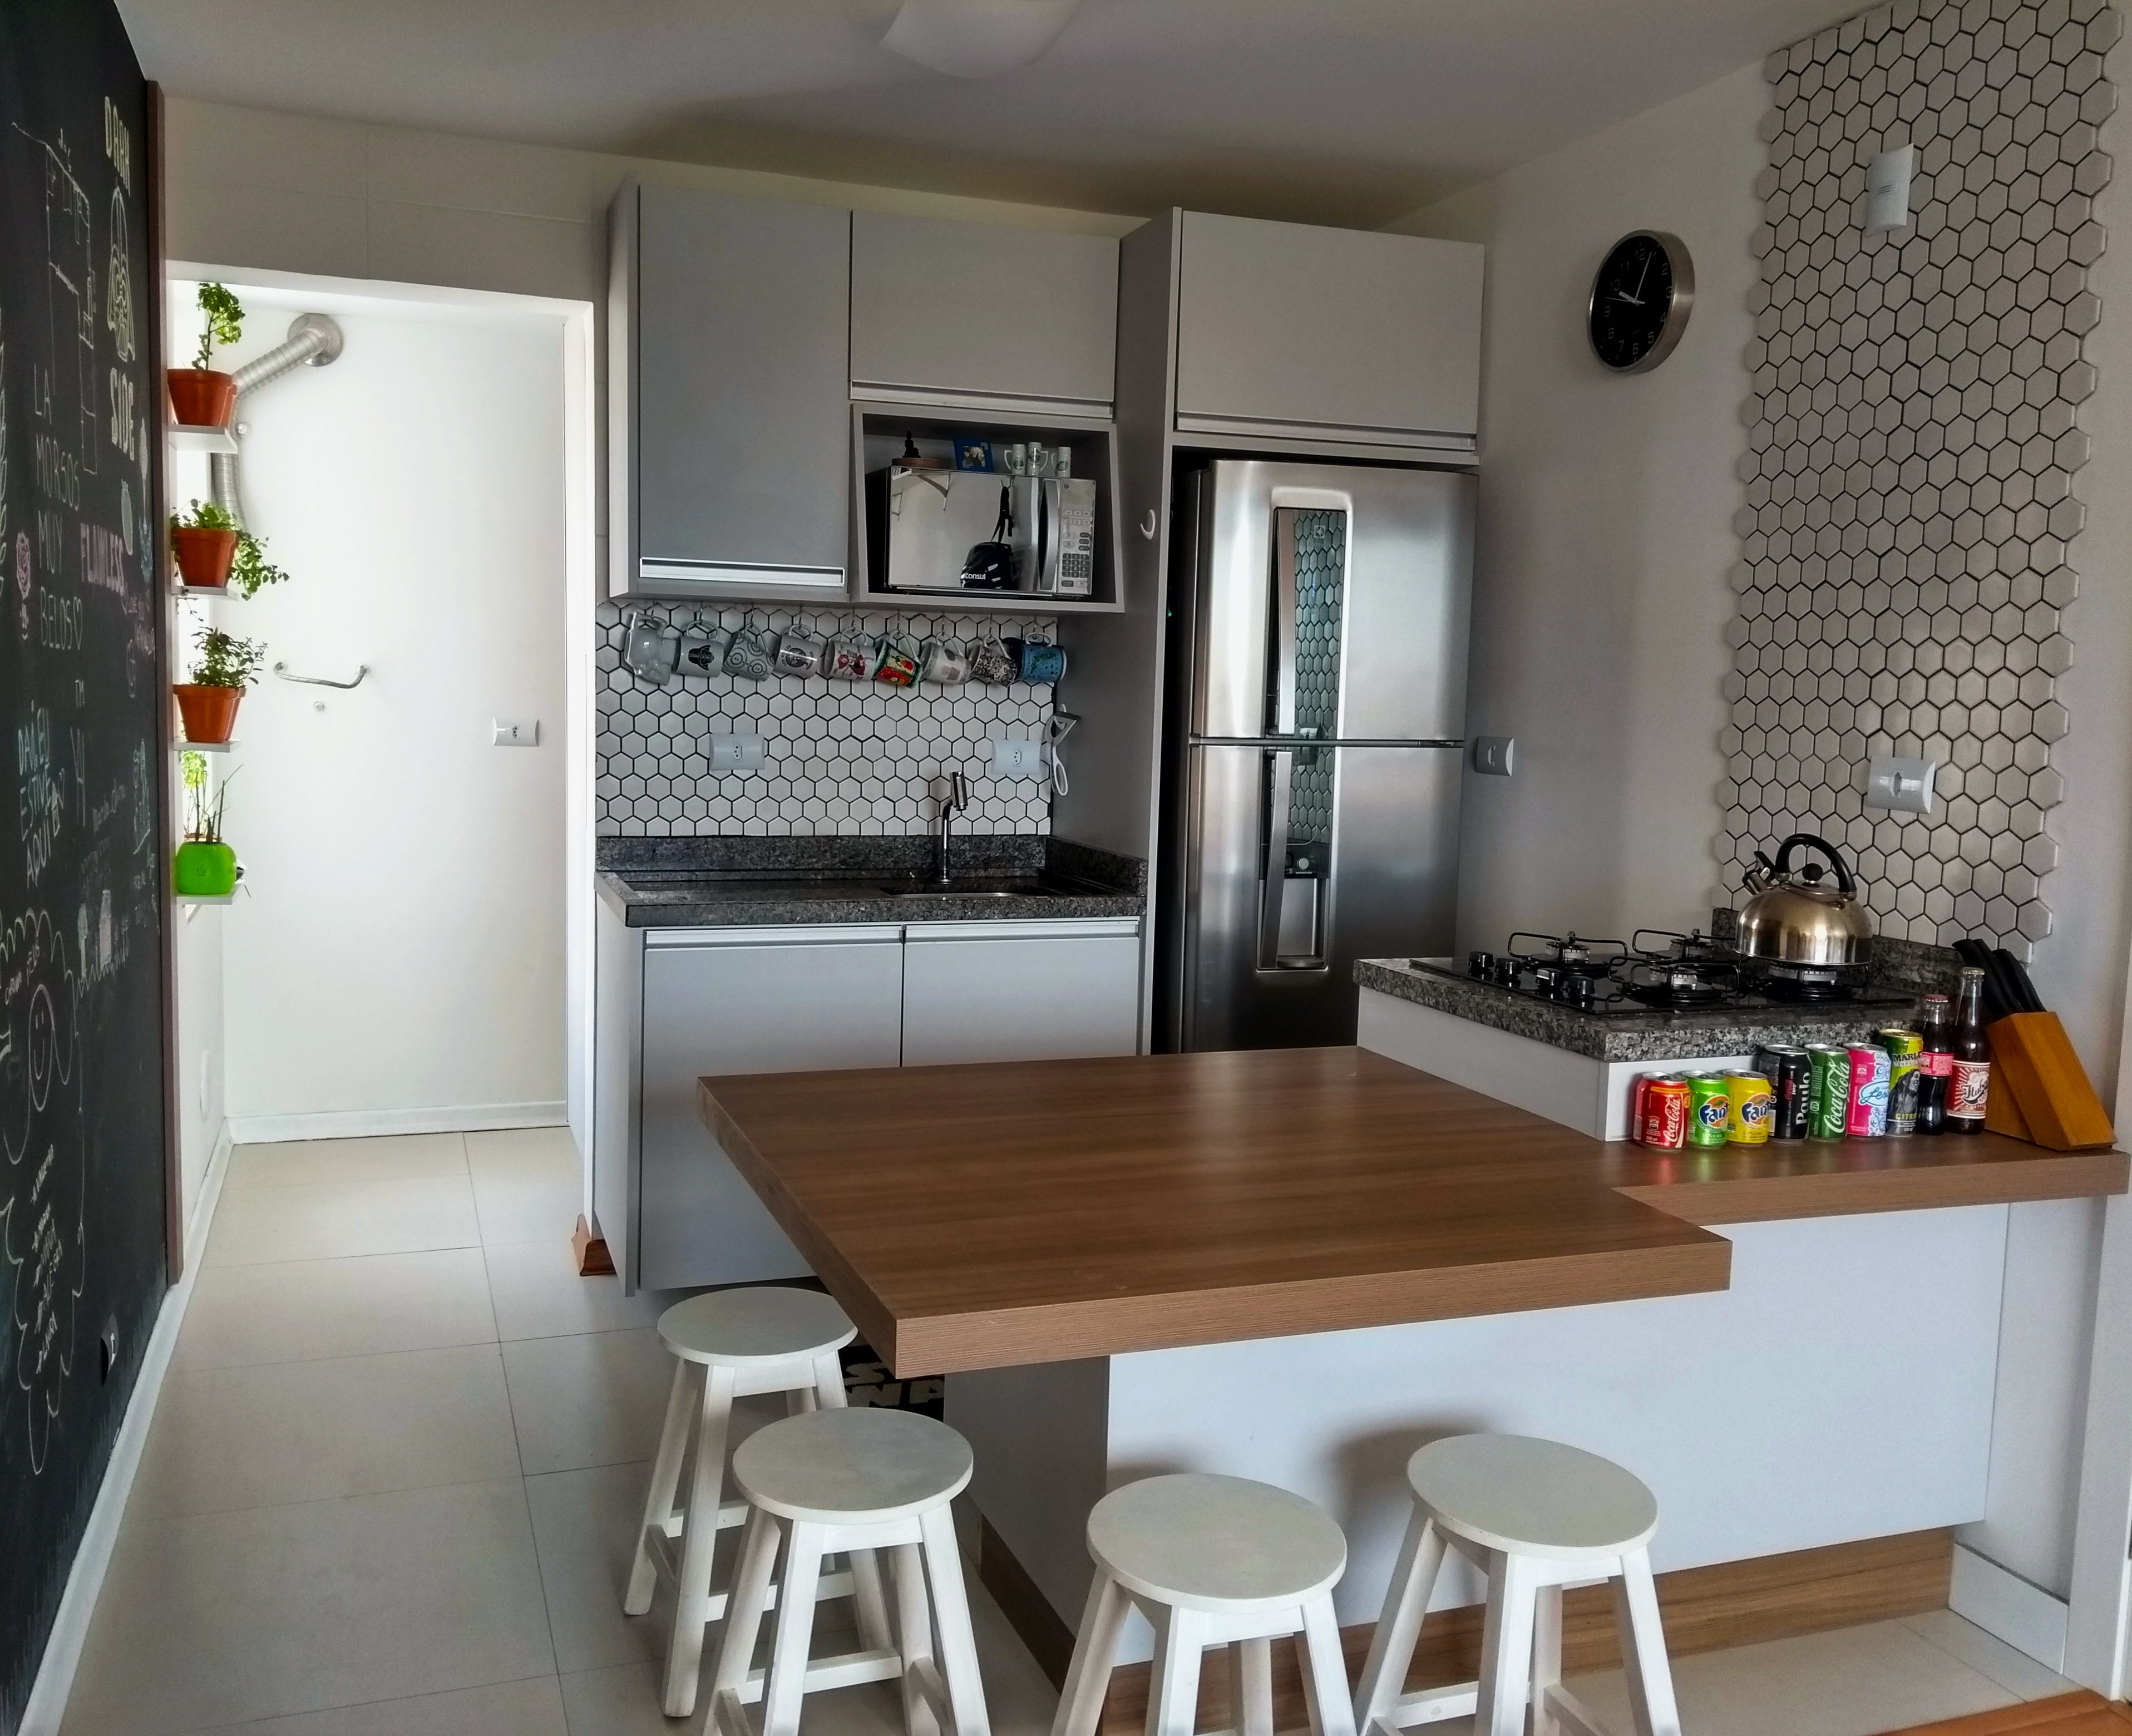 Cozinha Com Ilha E Sala Integrada Cozinha Pequena E Funcional Ilha